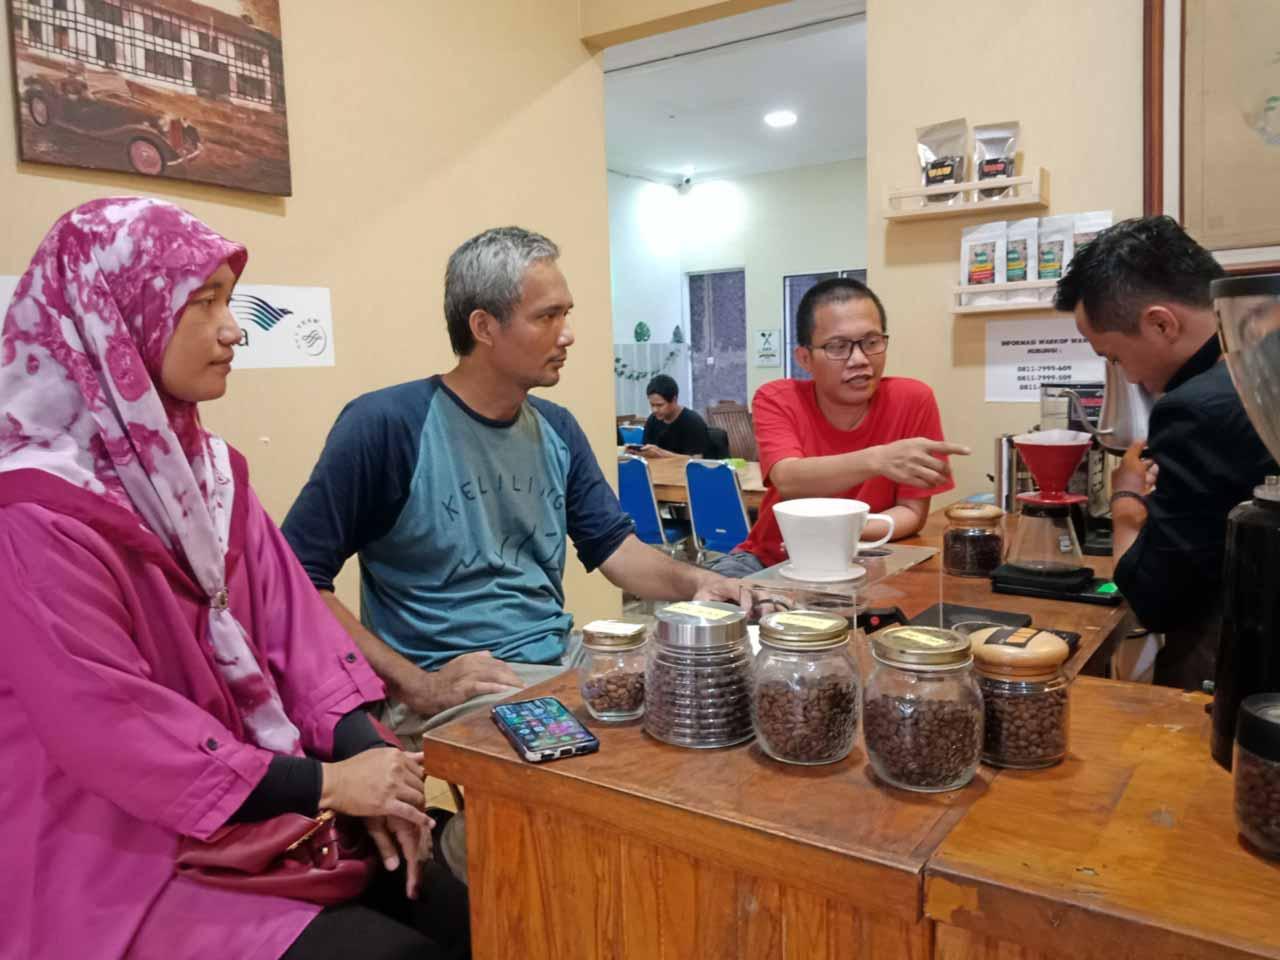 Bang Ismail Komar pemilik Warkop Waw Bandar Lampung - kelilinglampung - Yopie Pangkey - 4